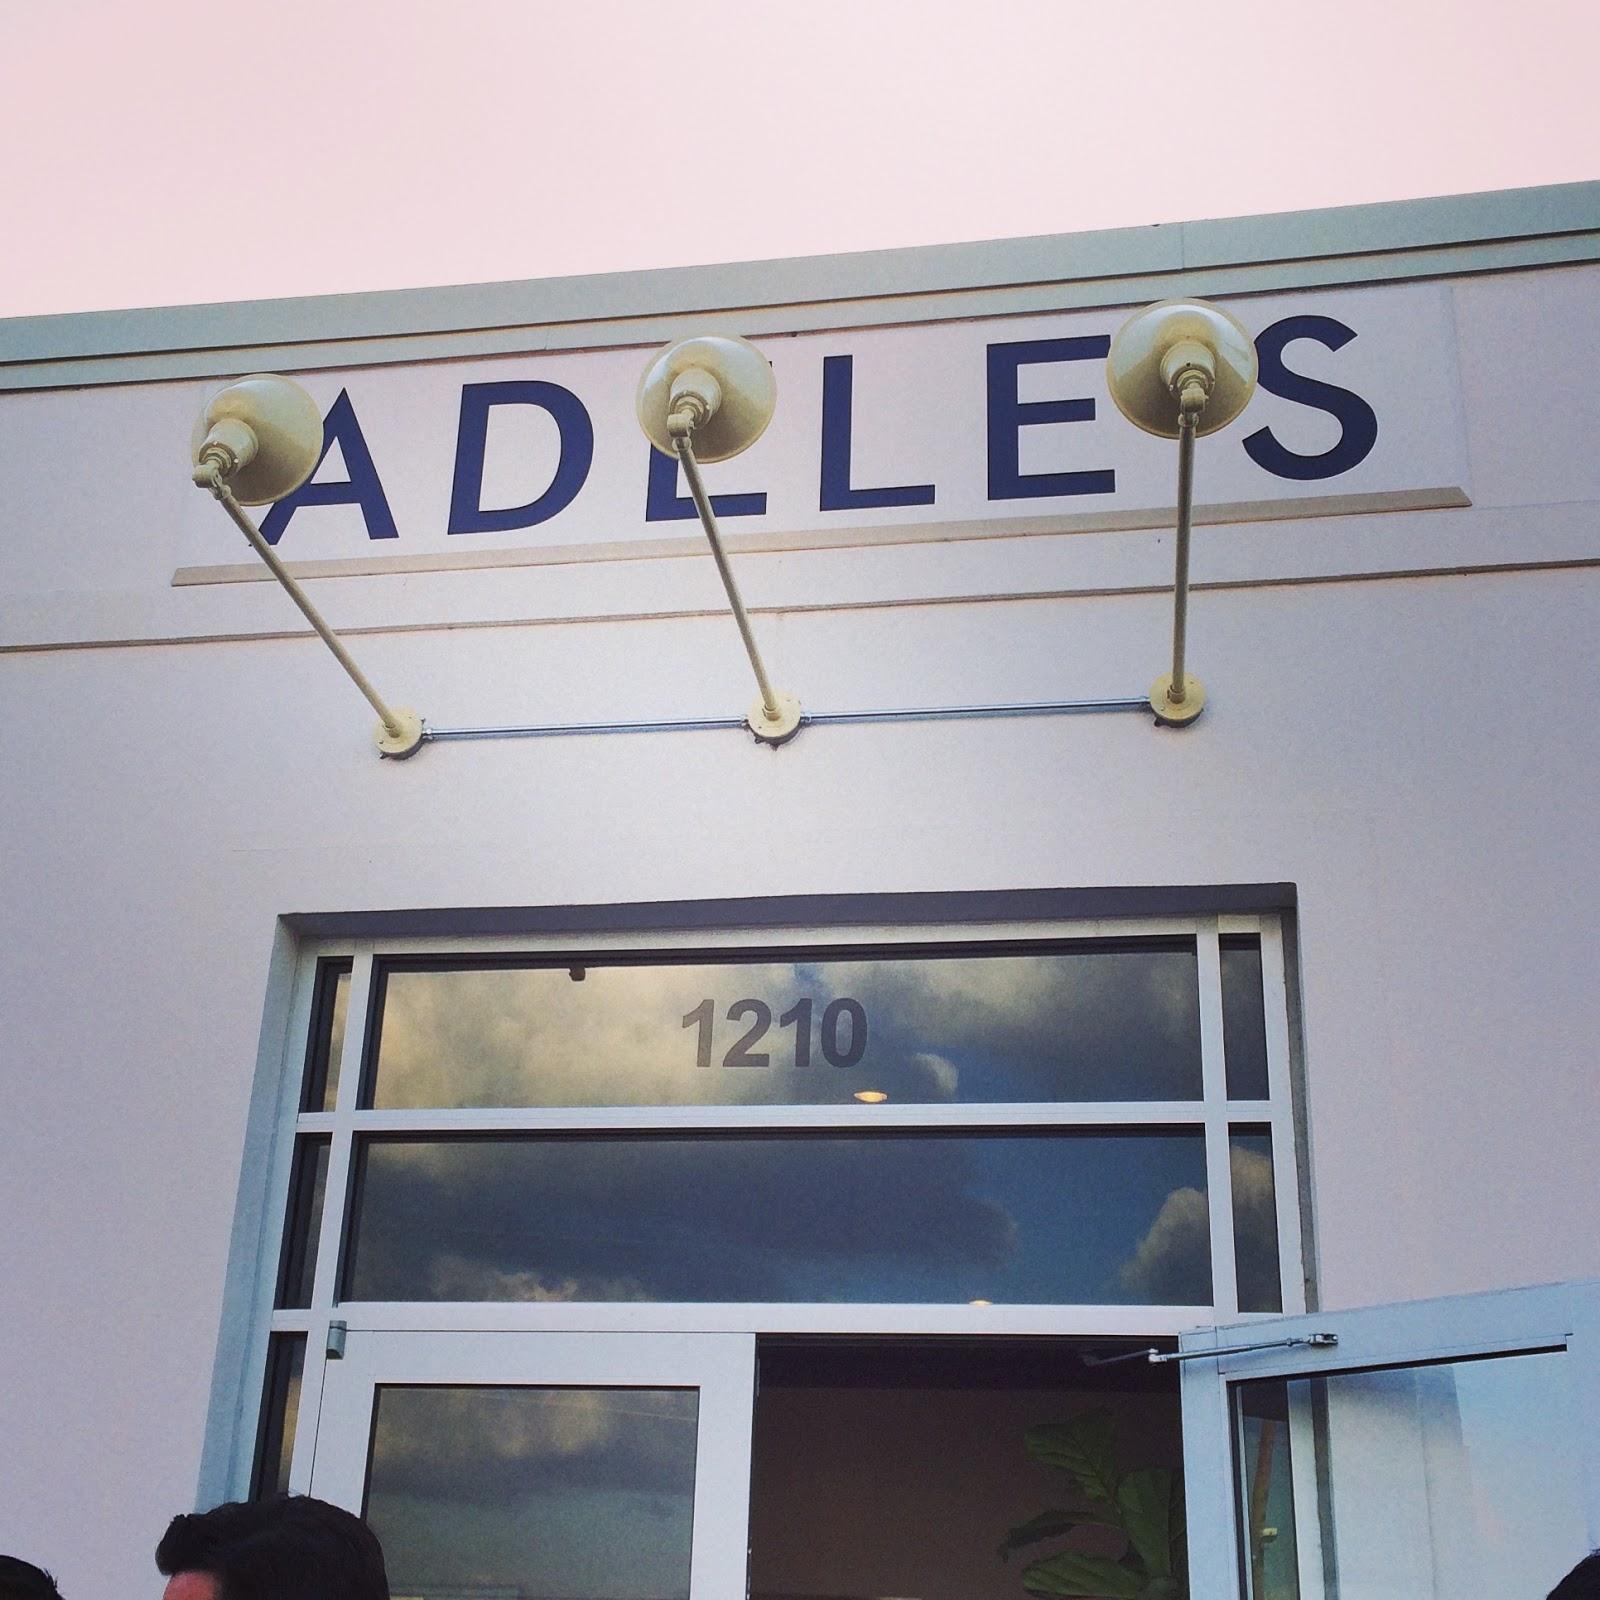 Adele's - Nashville, TN